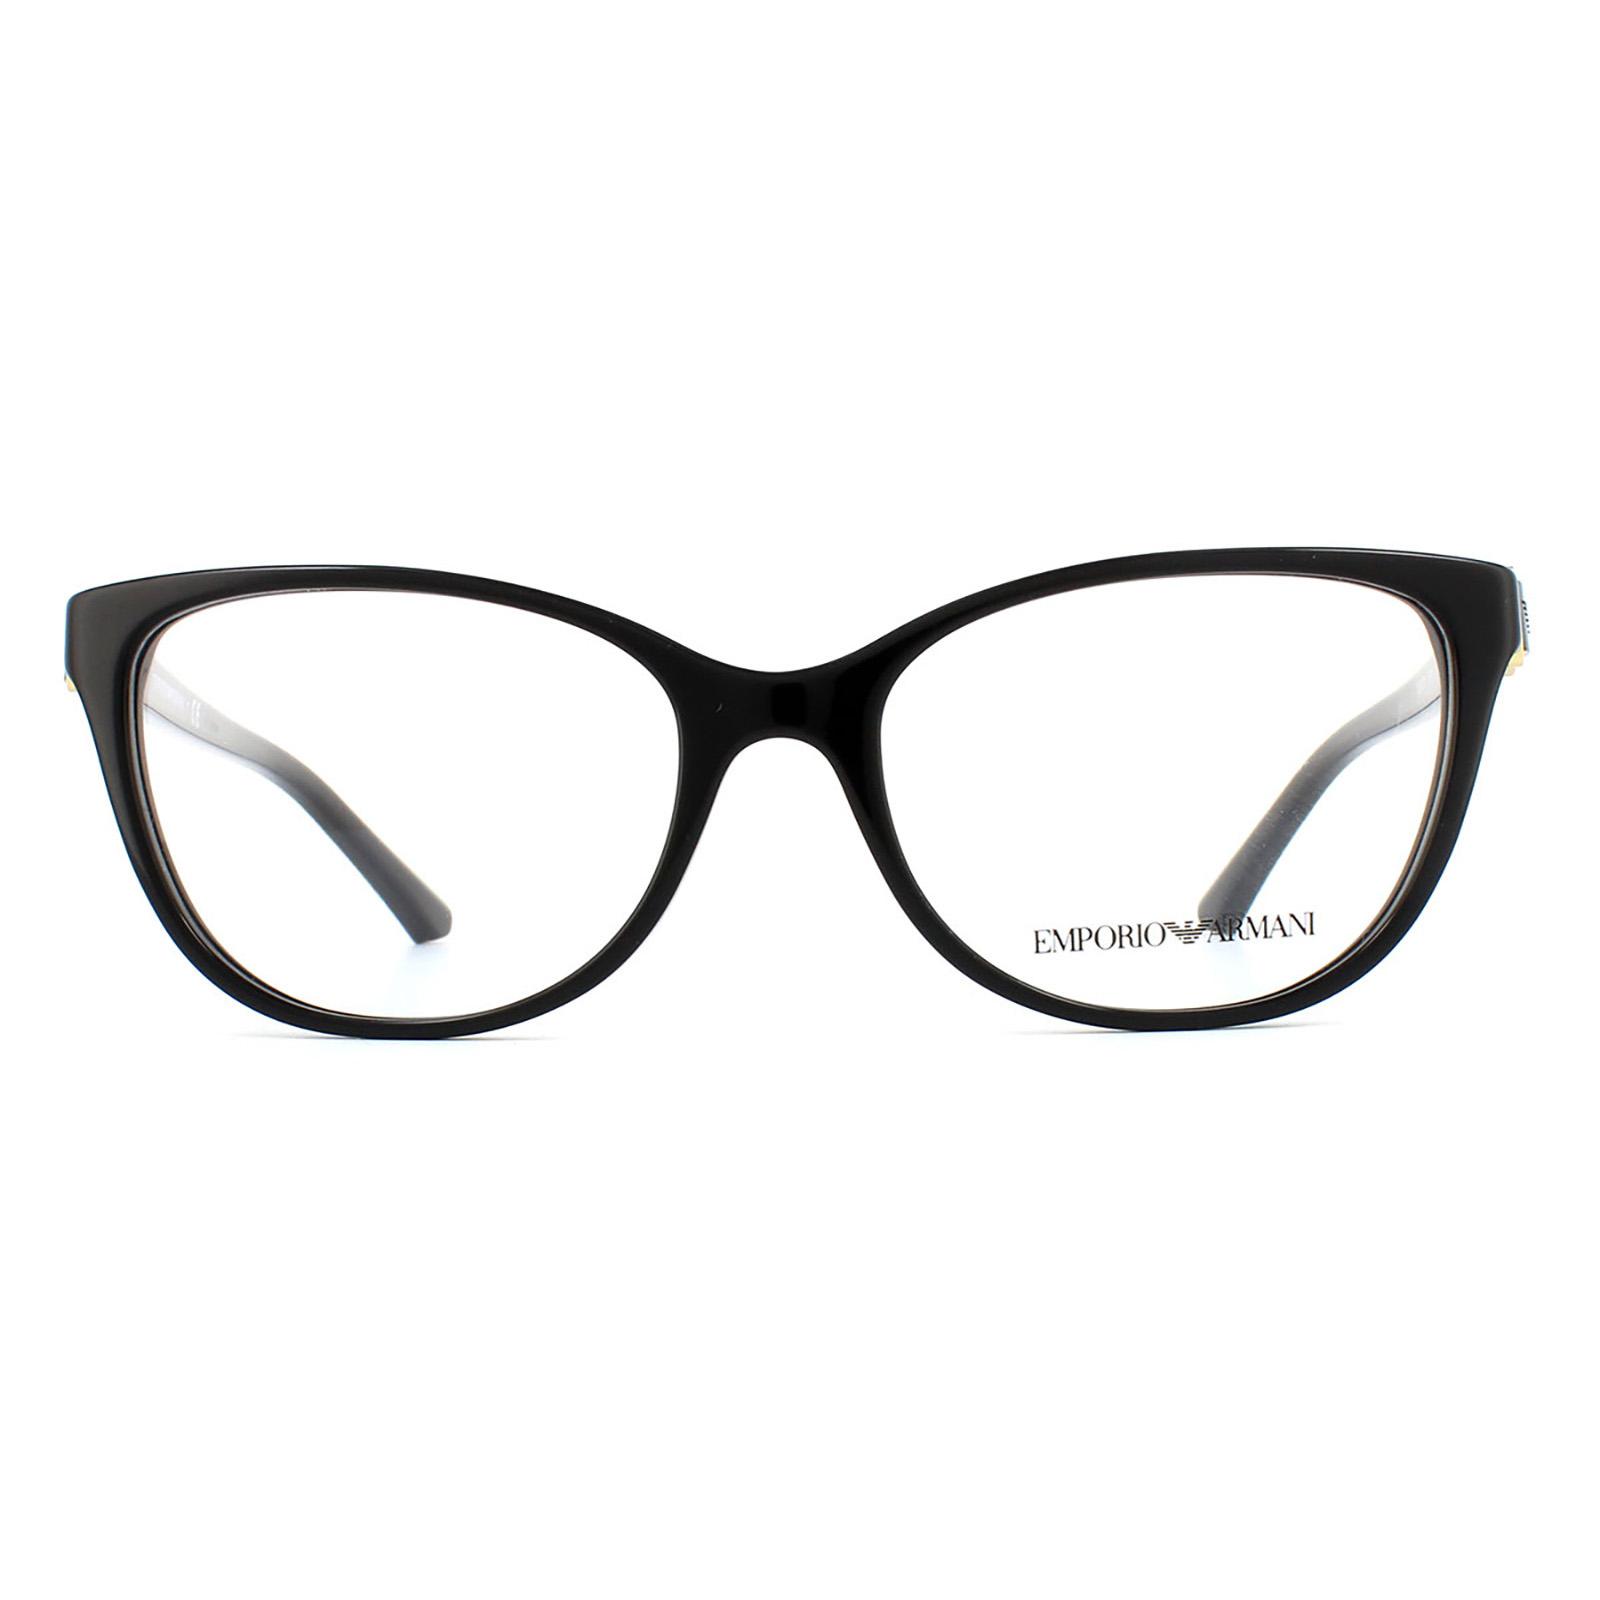 emporio armani 3077 glasses frames thumbnail 2 - Emporio Armani Frames